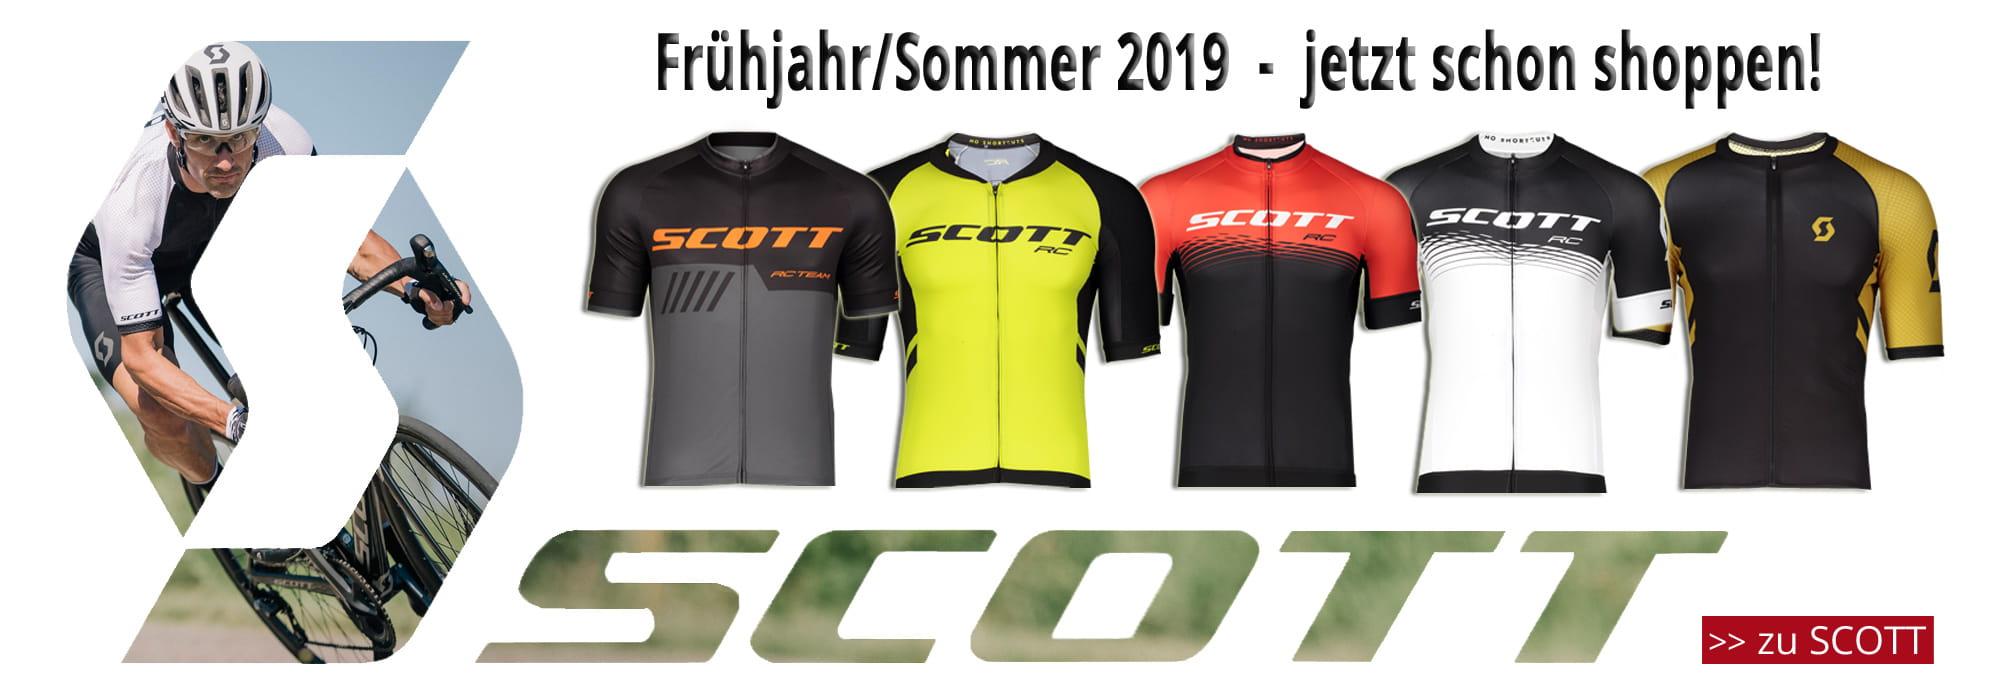 Scott Frühling / Sommer 2019 schon jetzt verfügbar